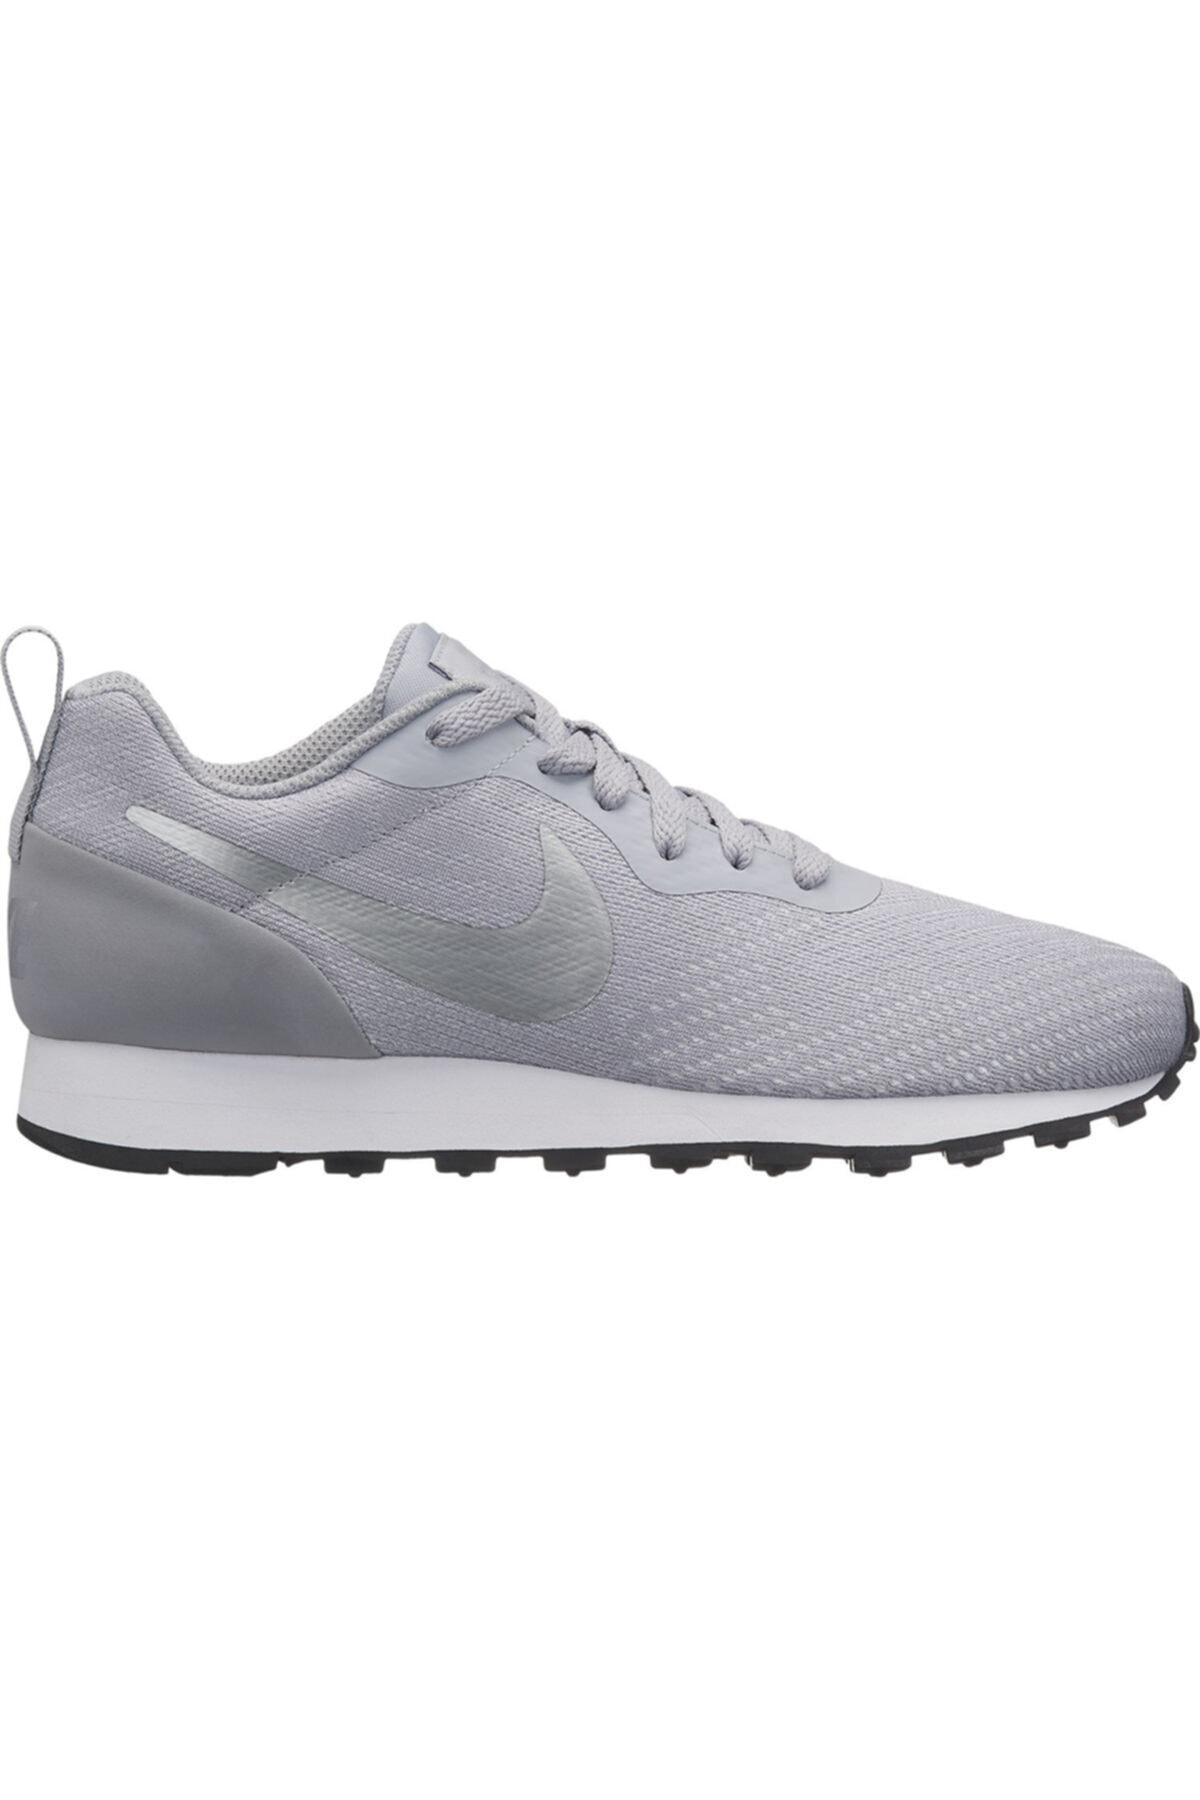 Nike Kadın Gri Md Runner 2 Eng Mesh Spor Ayakkabı 916797-008 1